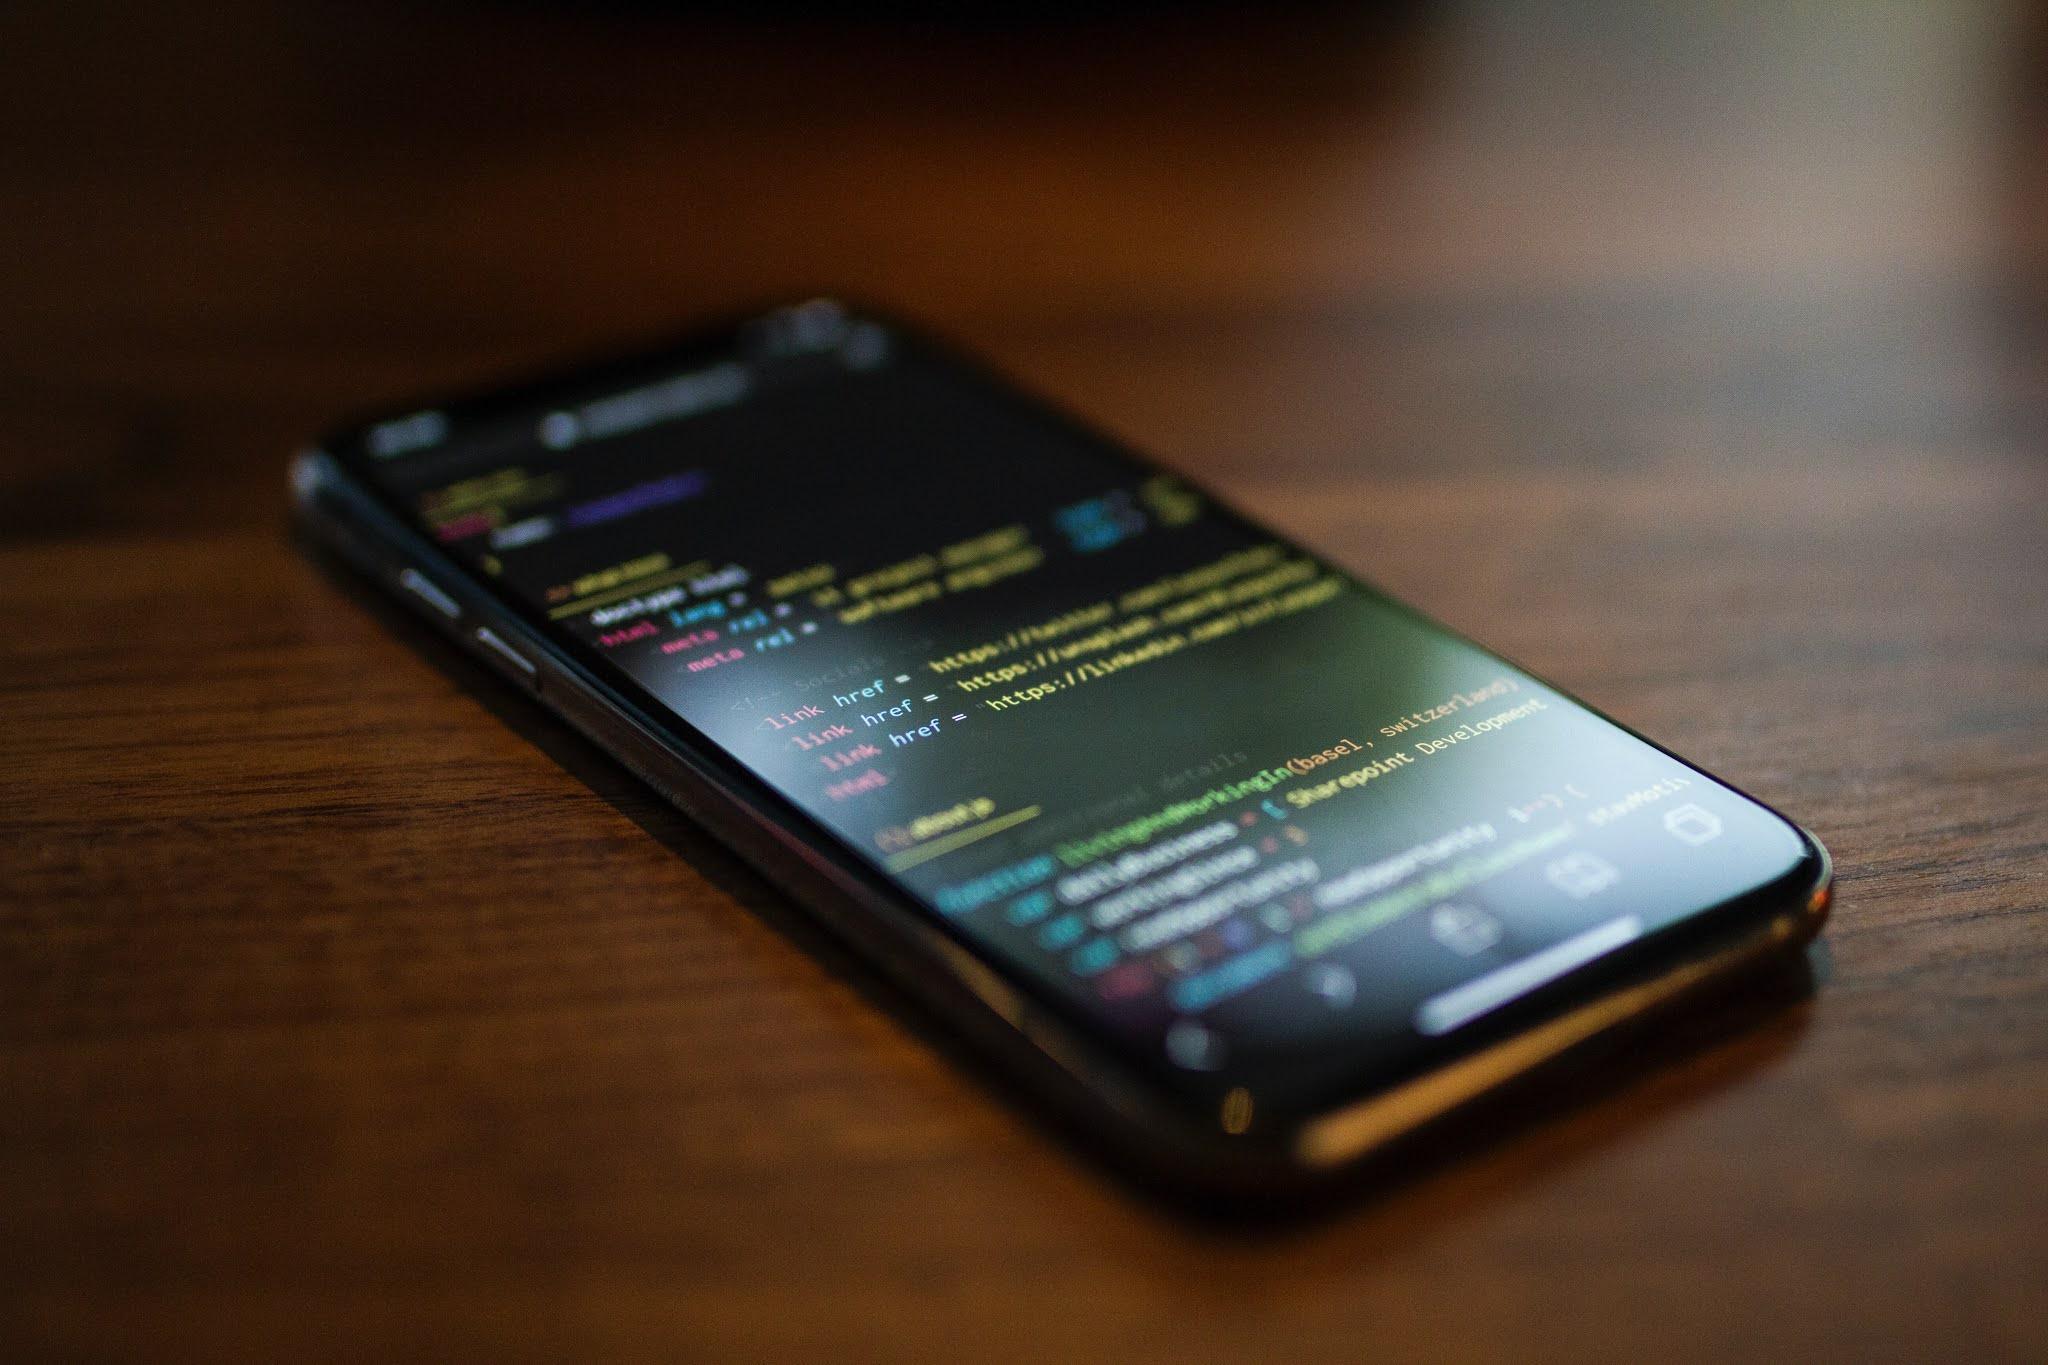 download anti revoke profile for iOS